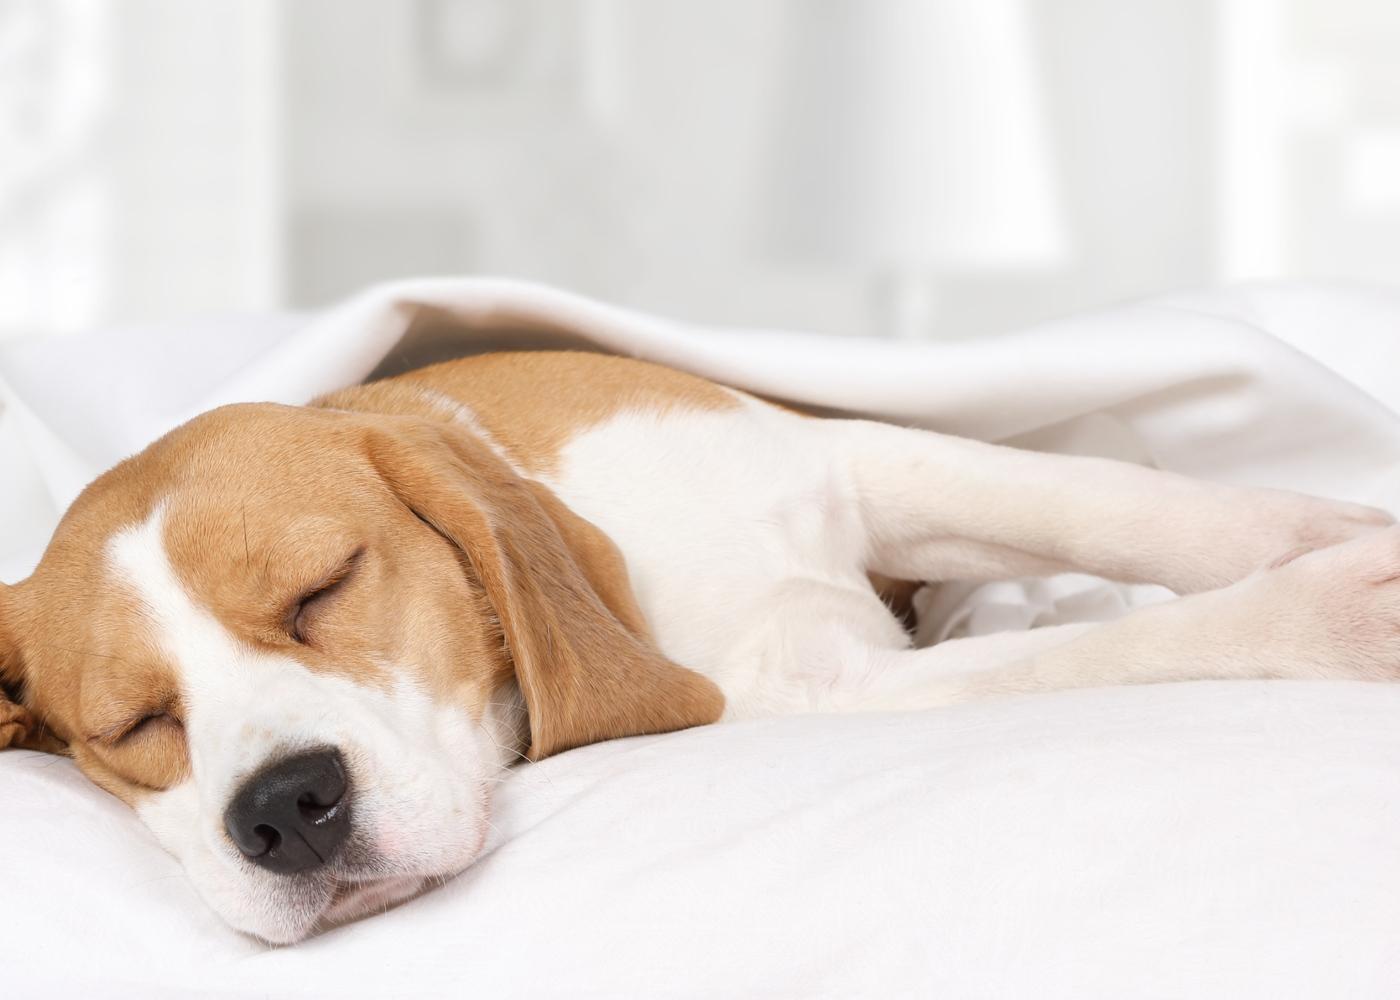 Como saber se o cão tem febre? Conheça 7 sintomas